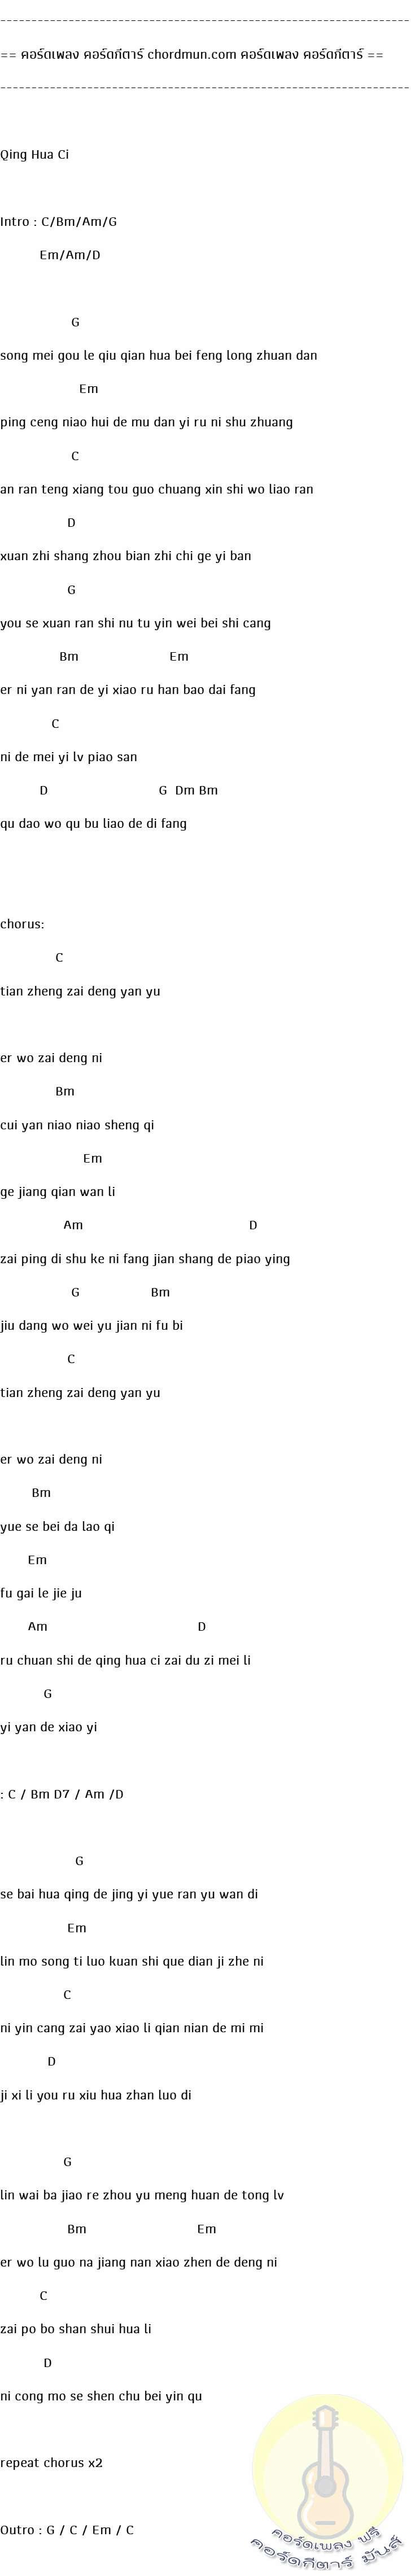 คอร์ดกีต้า  เพลง Qing hua qi